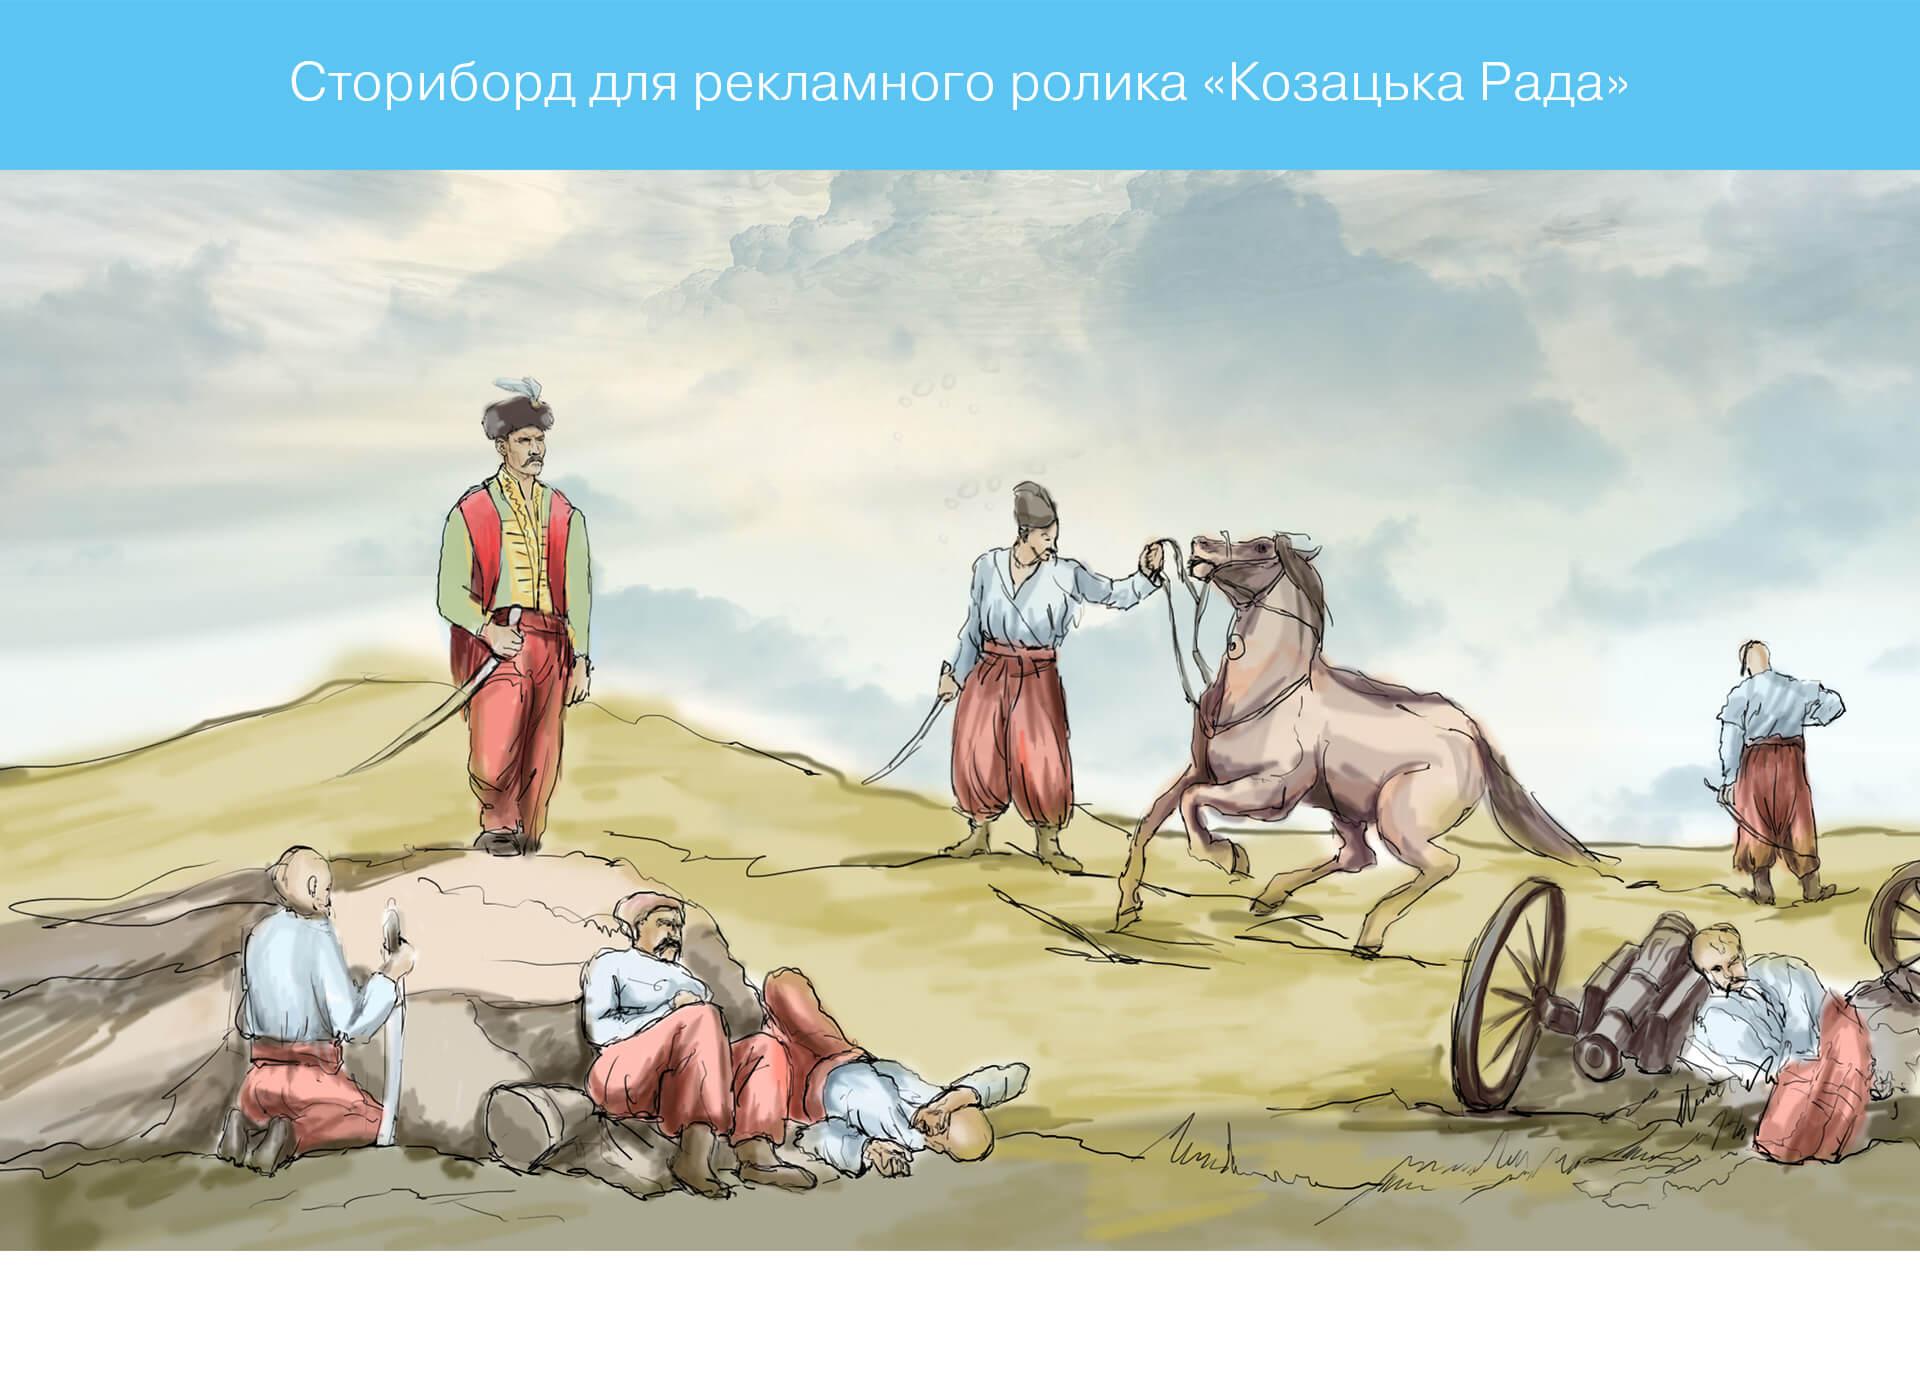 prokochuk_irina_storibord_dlya_reklamnogo_rolika_kozatska_rada_1